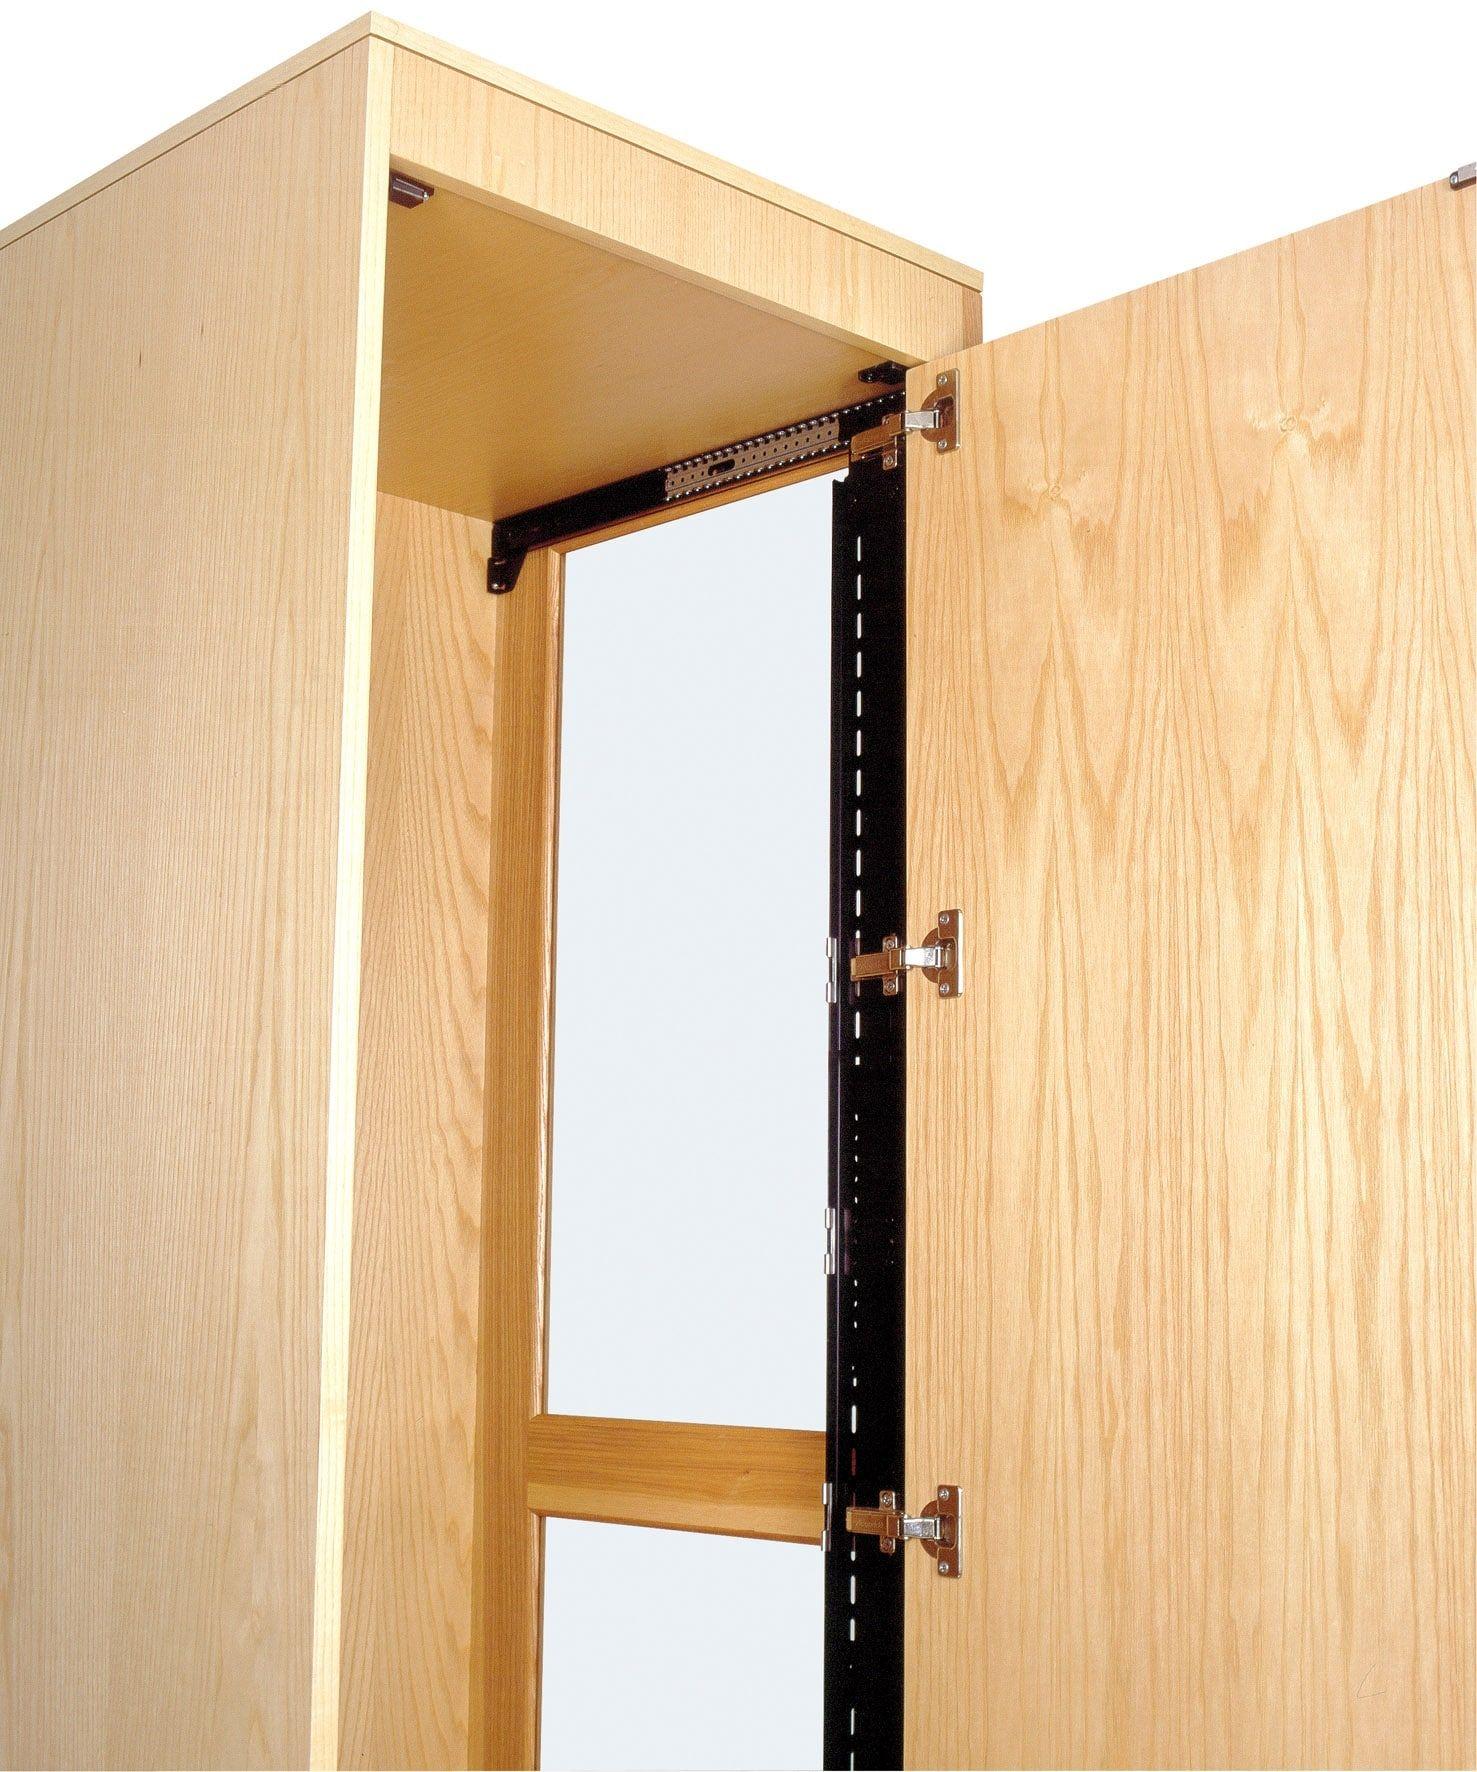 Cabinet Pocket Door Slide Httpretrocomputinggeek